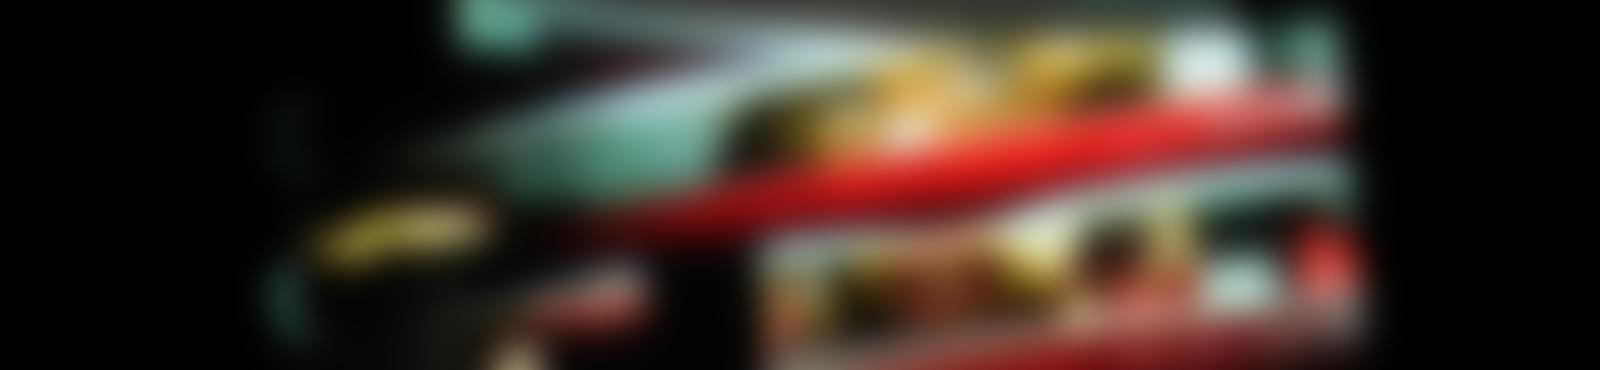 Blurred 2c976f1e 591e 4172 8d2d 5128850be7fc